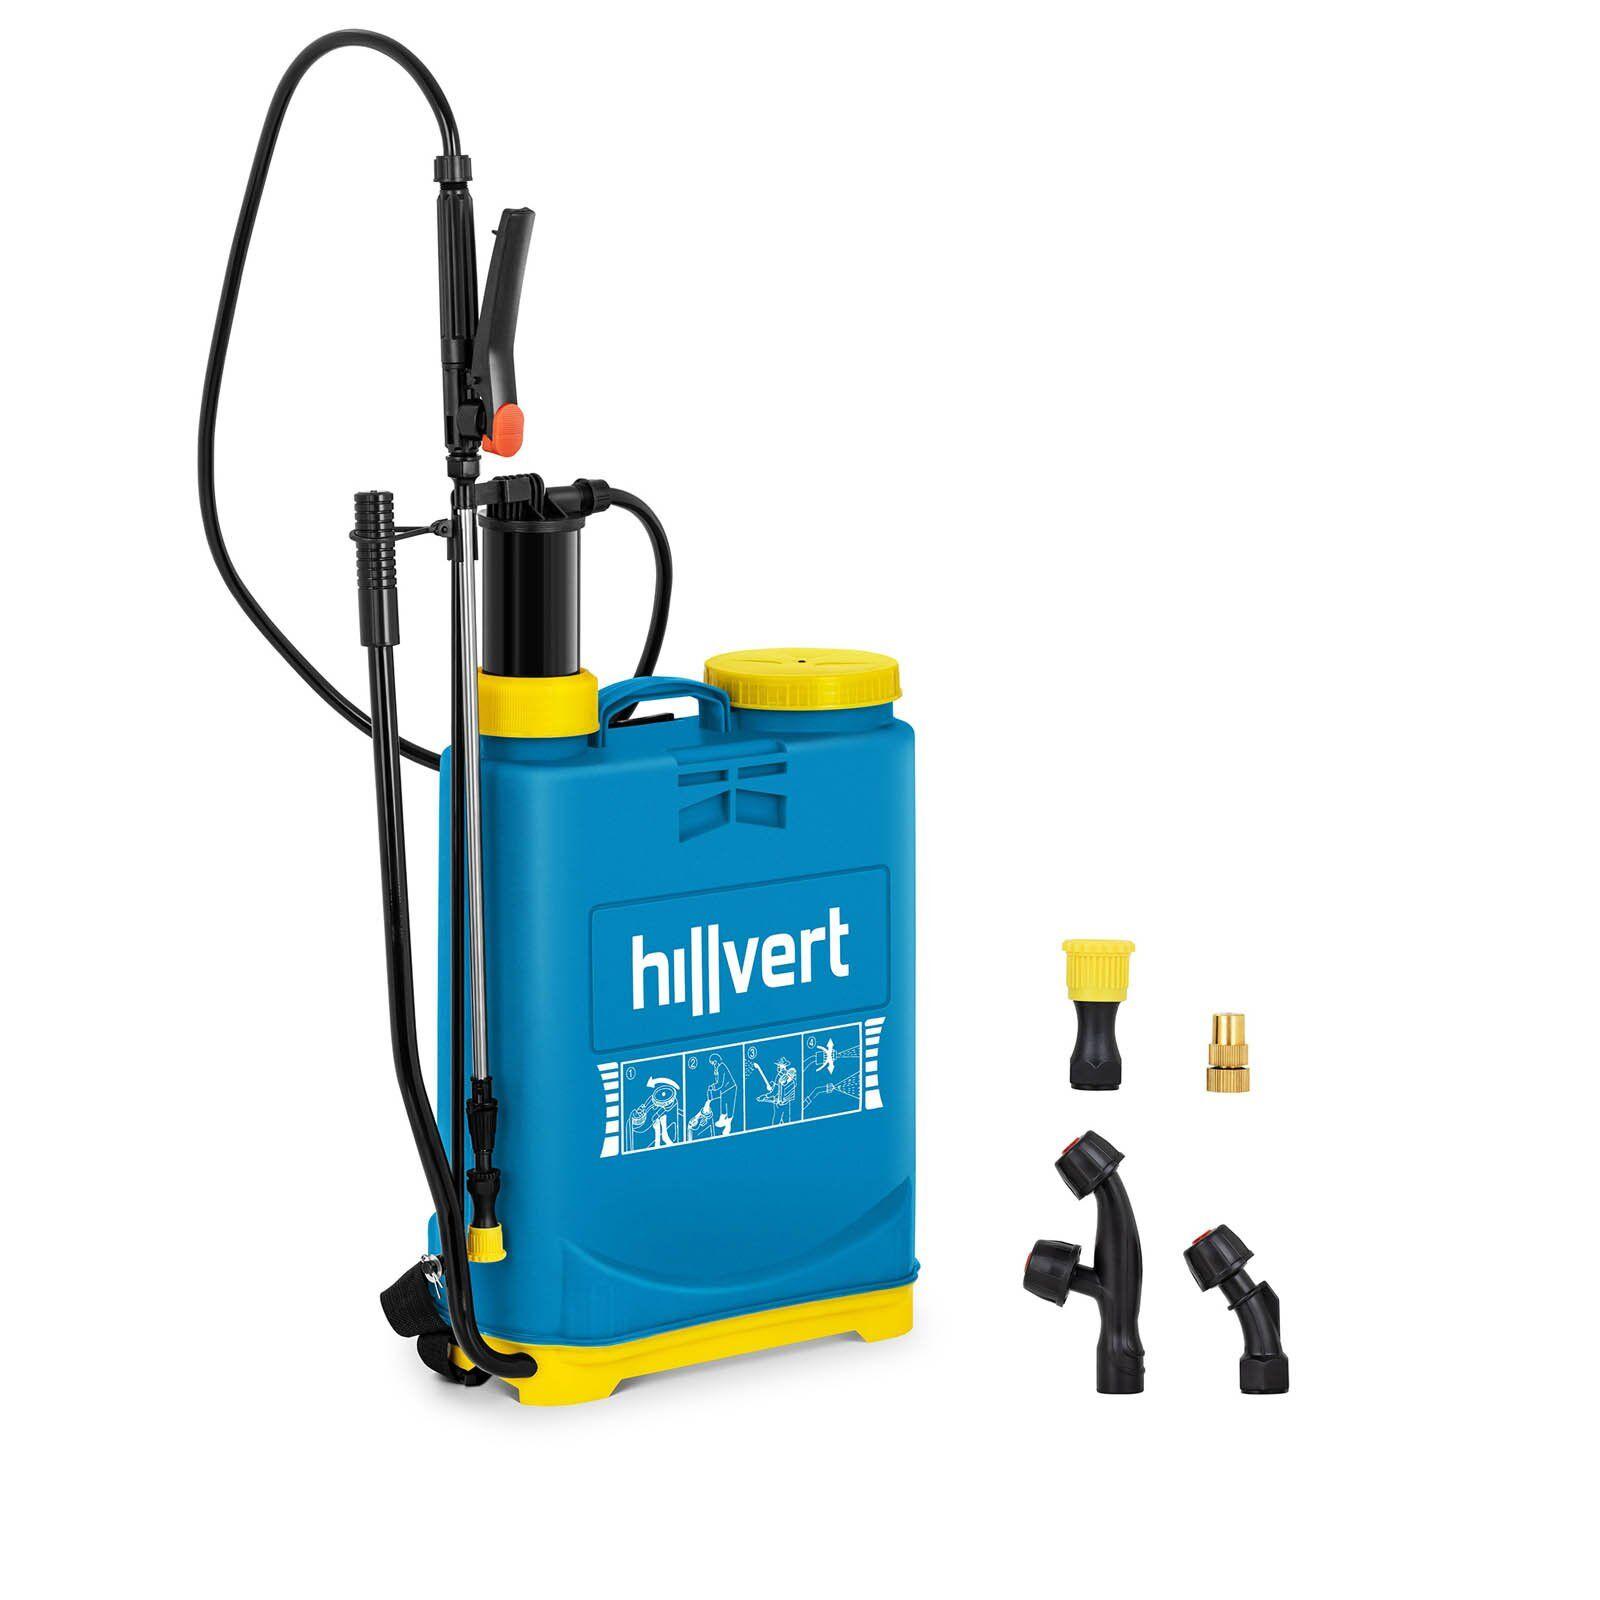 hillvert Pompa irroratrice a pressione - 16 l HT-COLUMBIA-16L